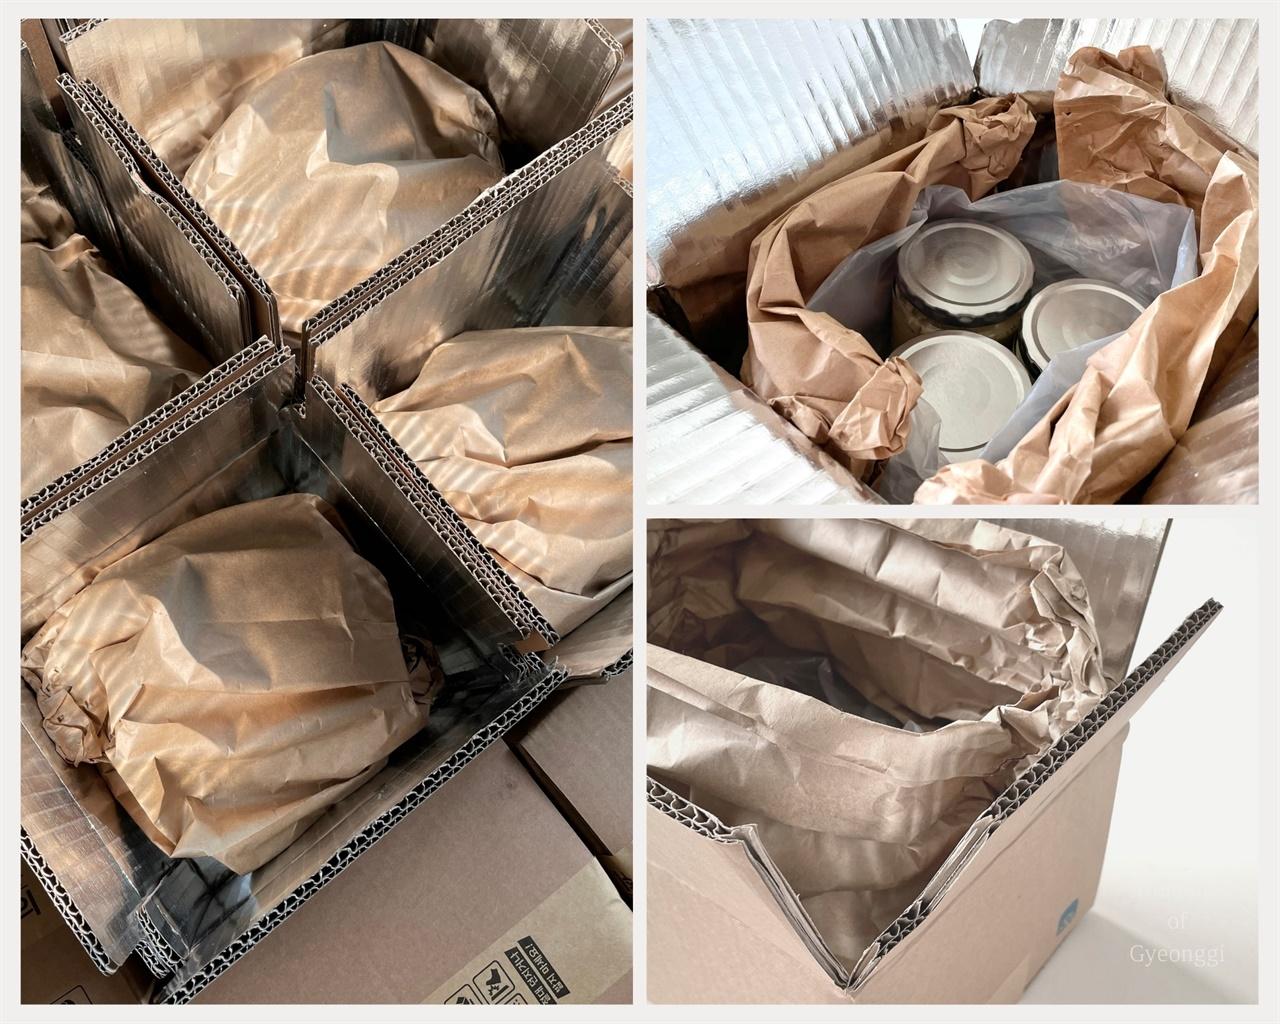 스프레드네이처는 친환경 포장재를 사용하기 위해 노력한다.